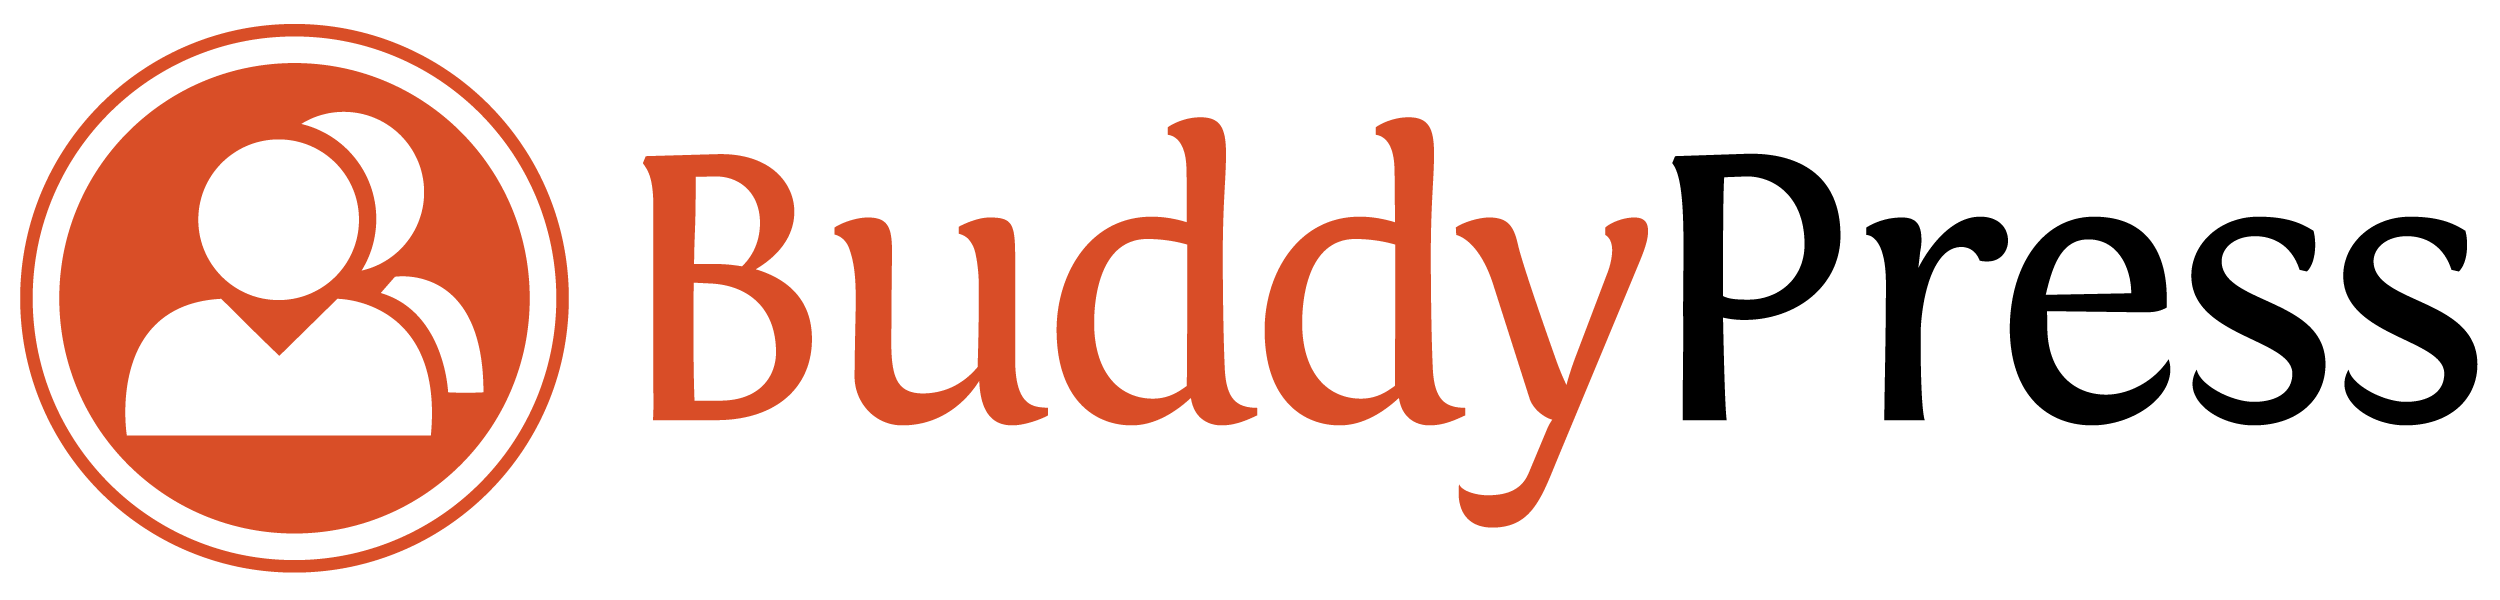 buddypress bbpress